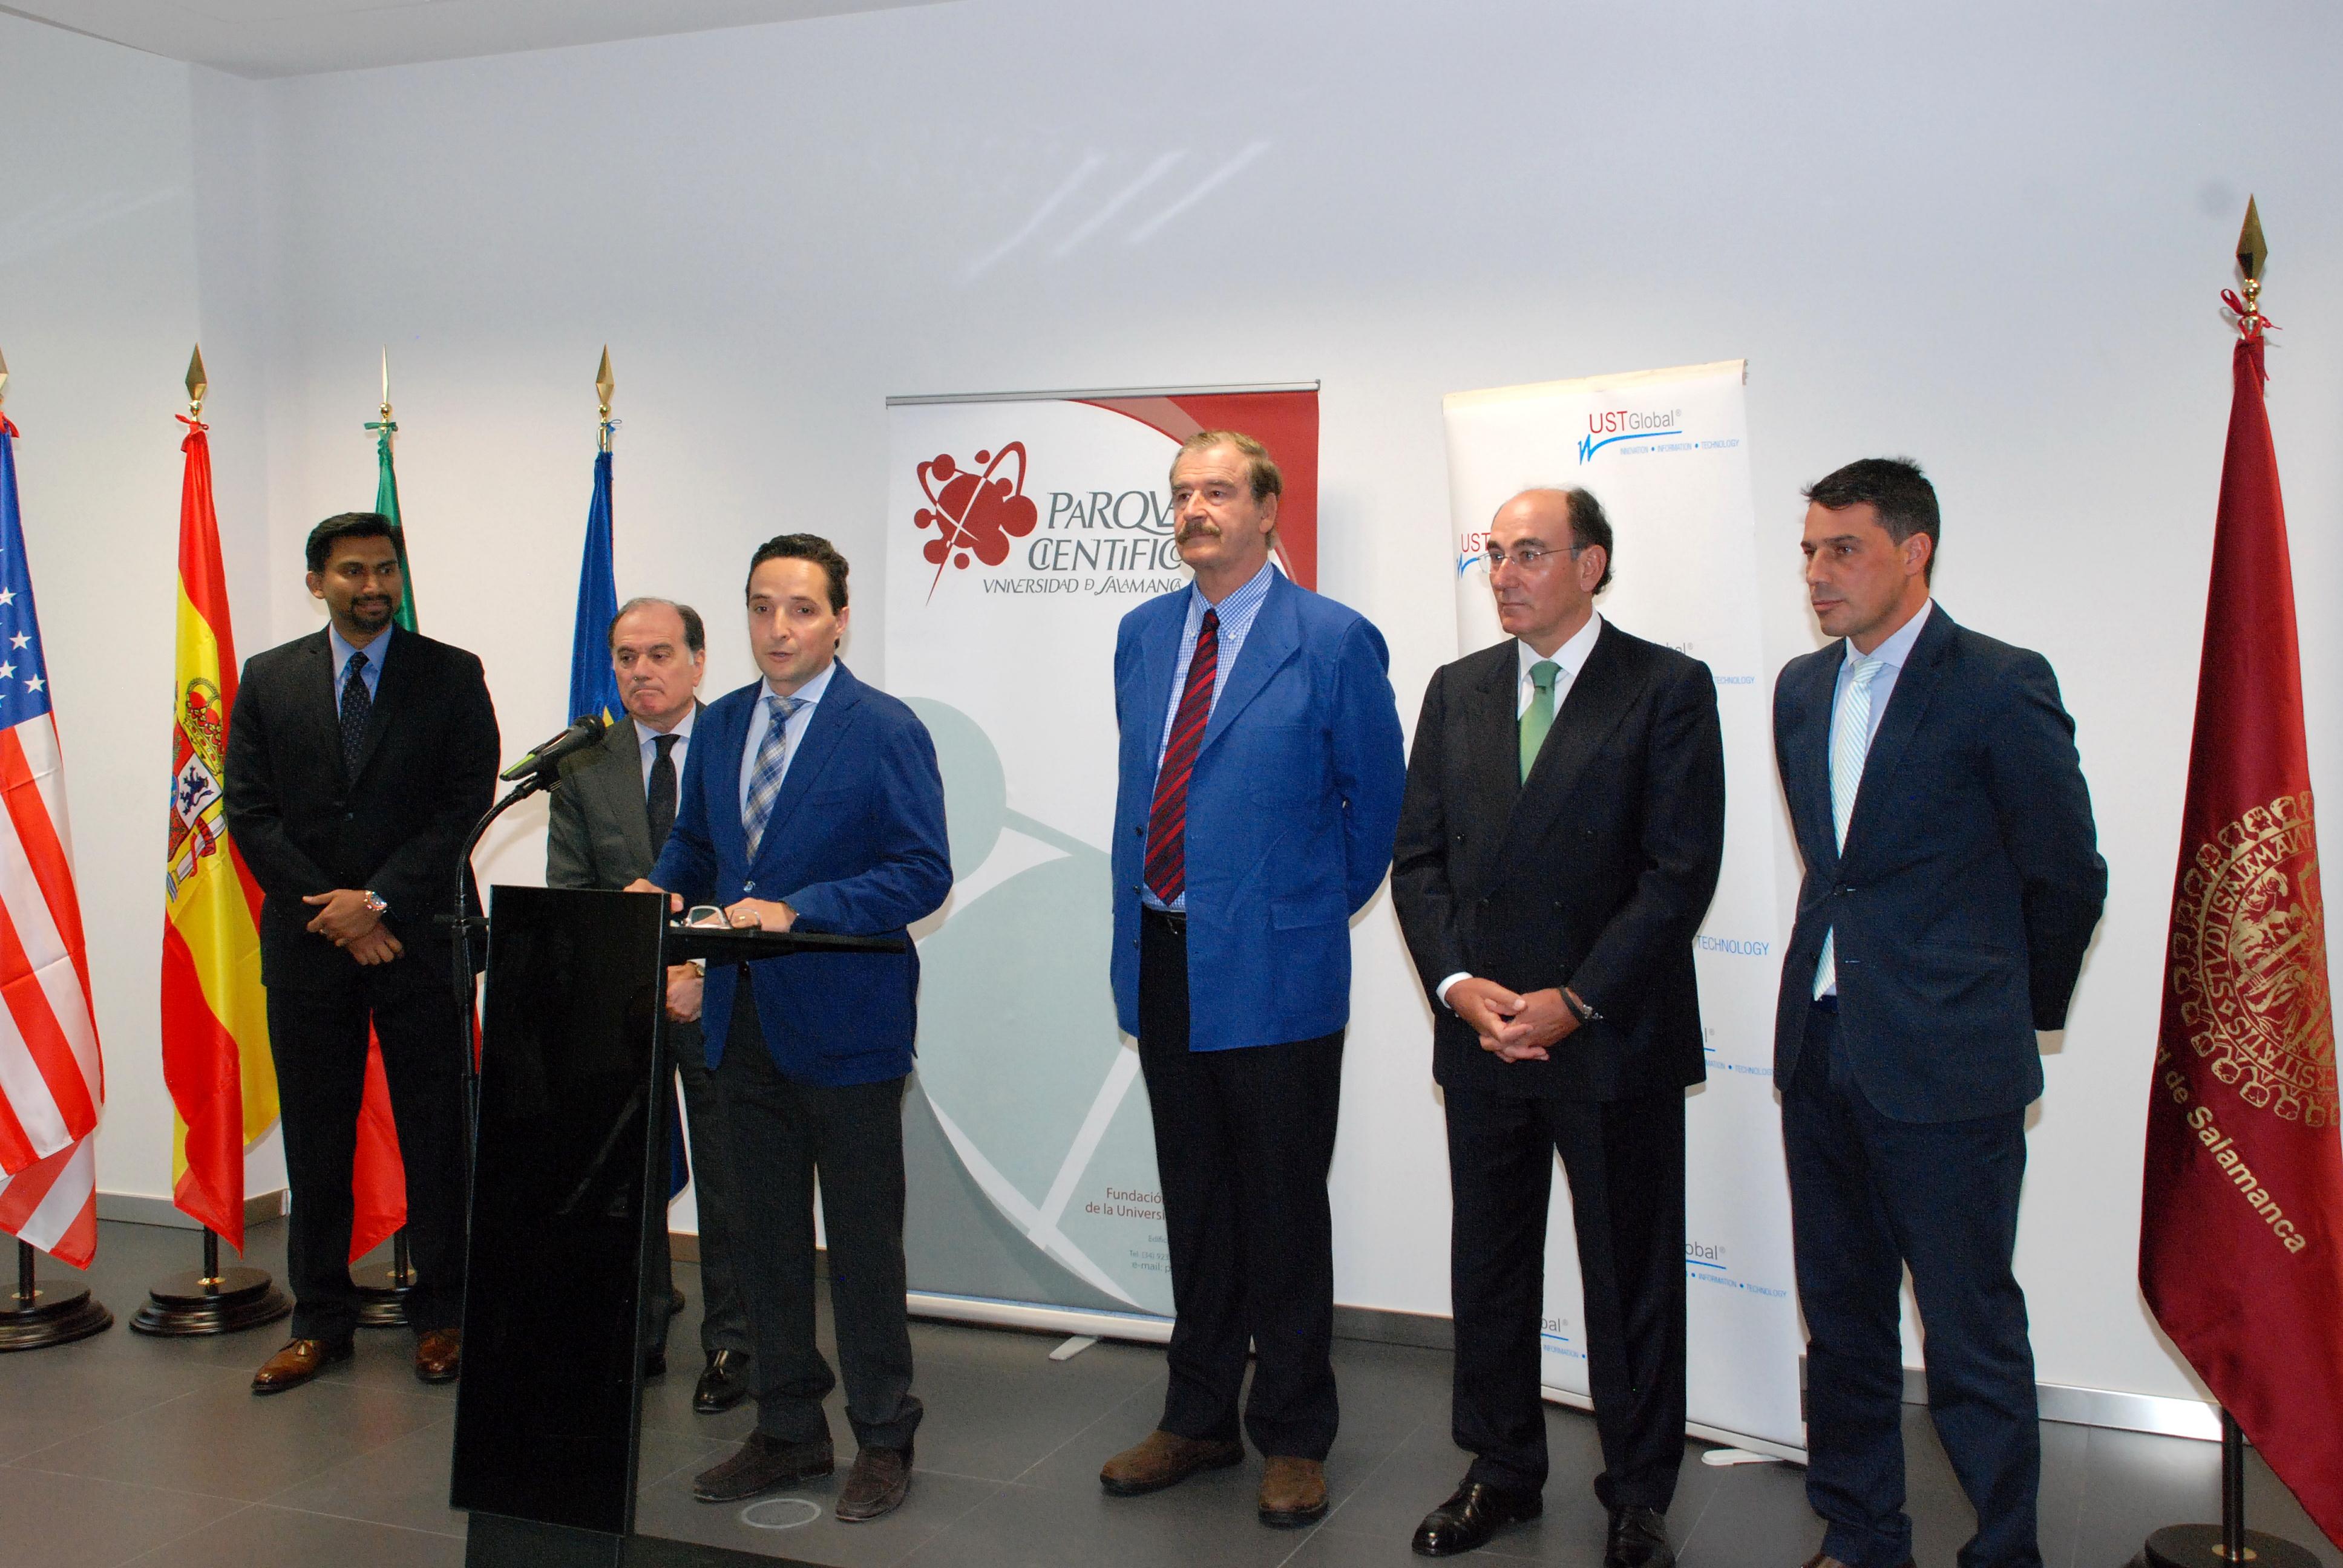 La Universidad de Salamanca impulsa el empleo con la implantación de la compañía UST Global en el Parque Científico